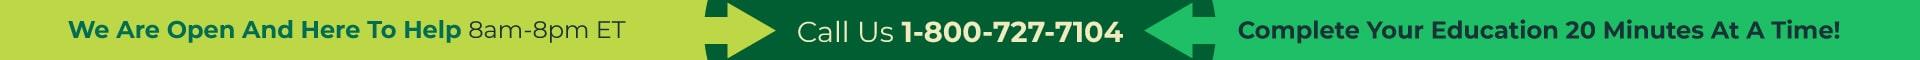 Call Us 1-800-727-7104